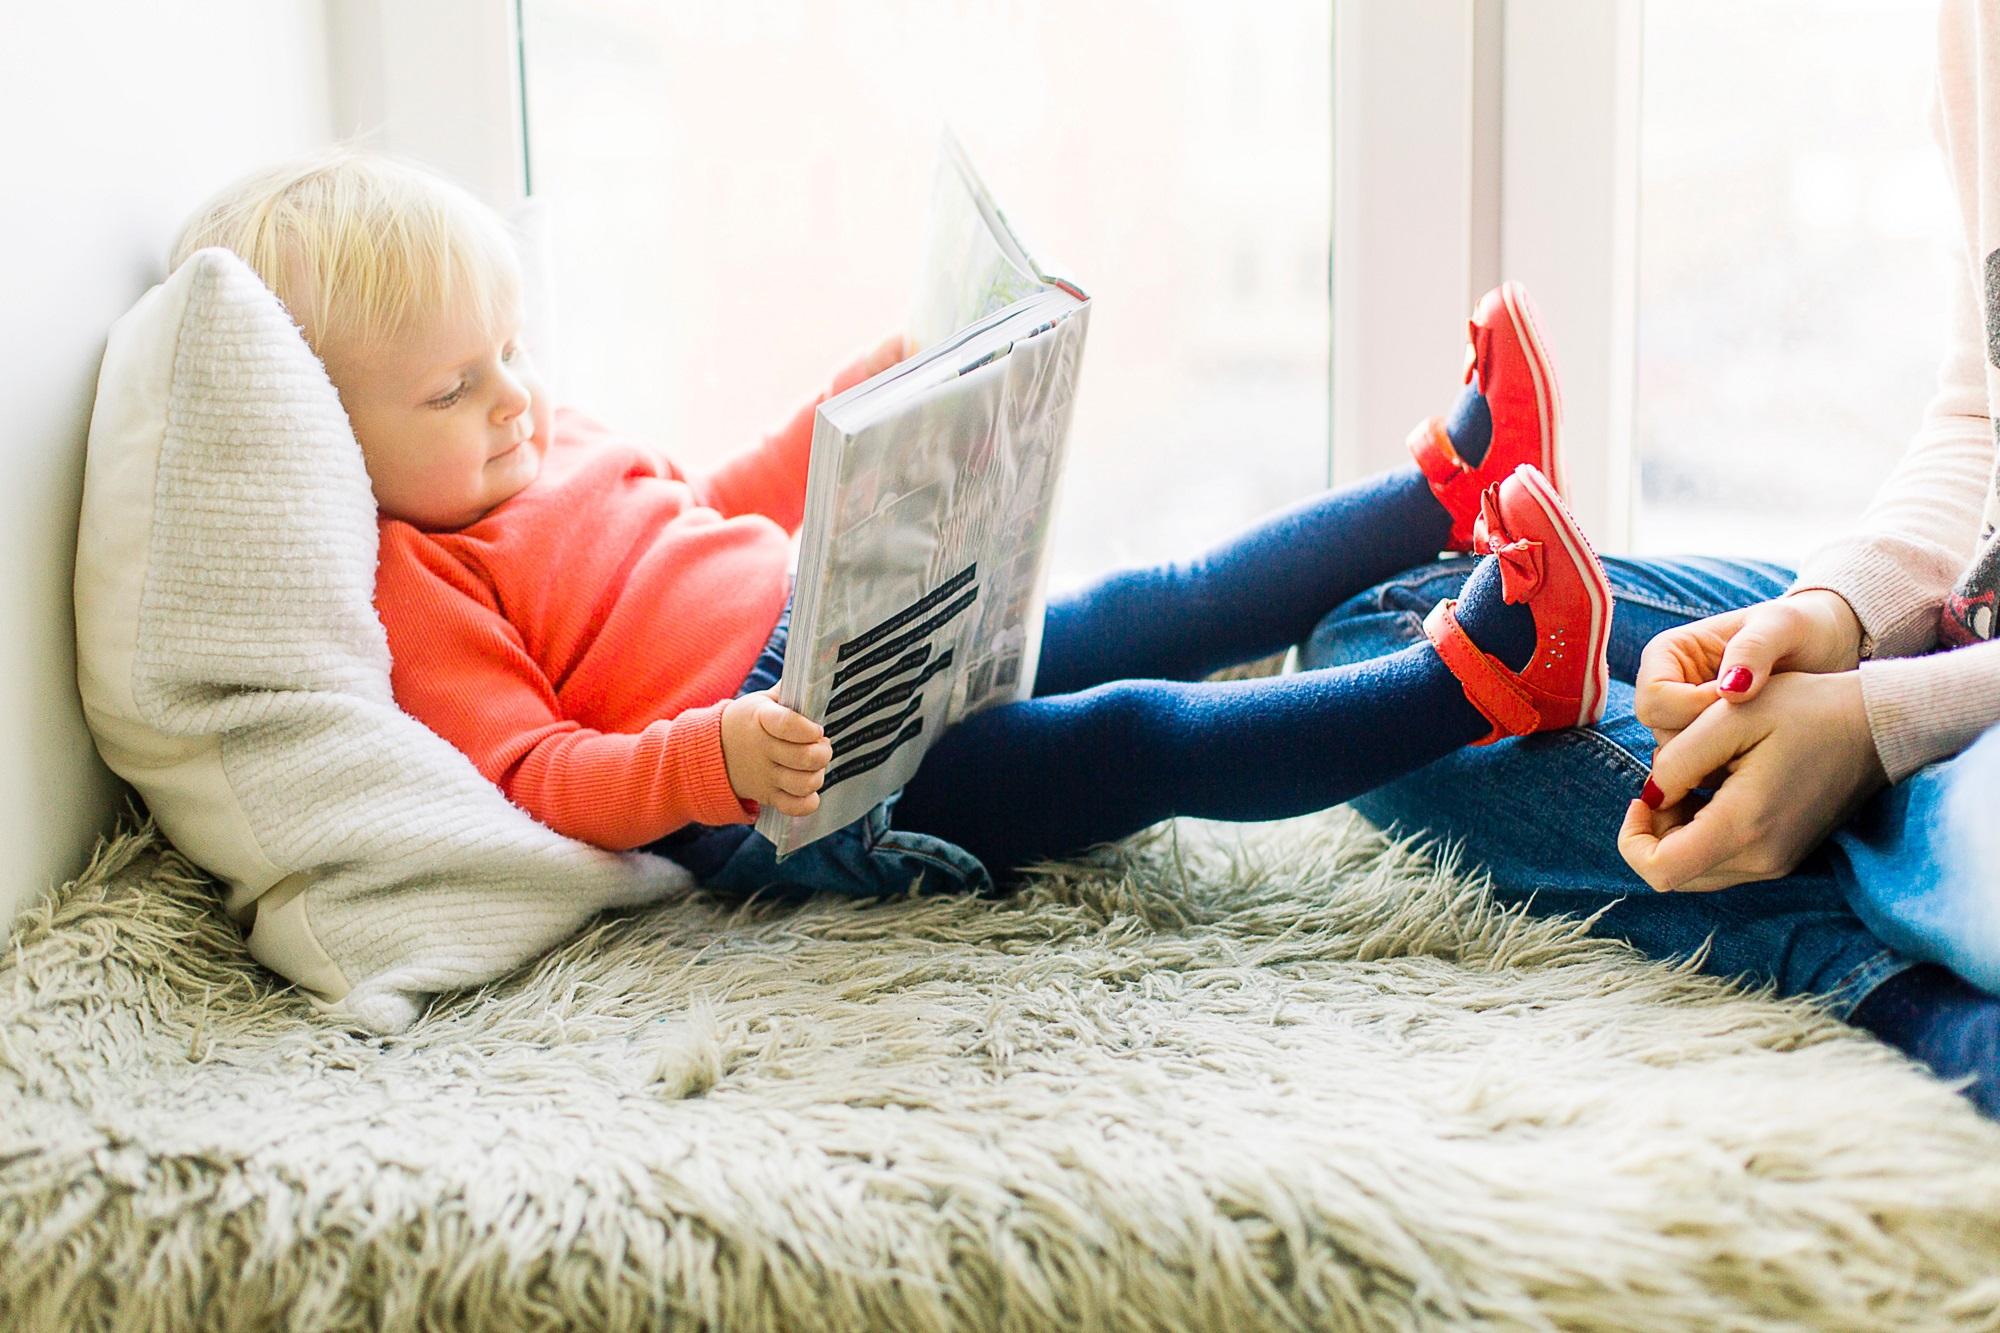 child-daria_shevtsova-pexels.jpg